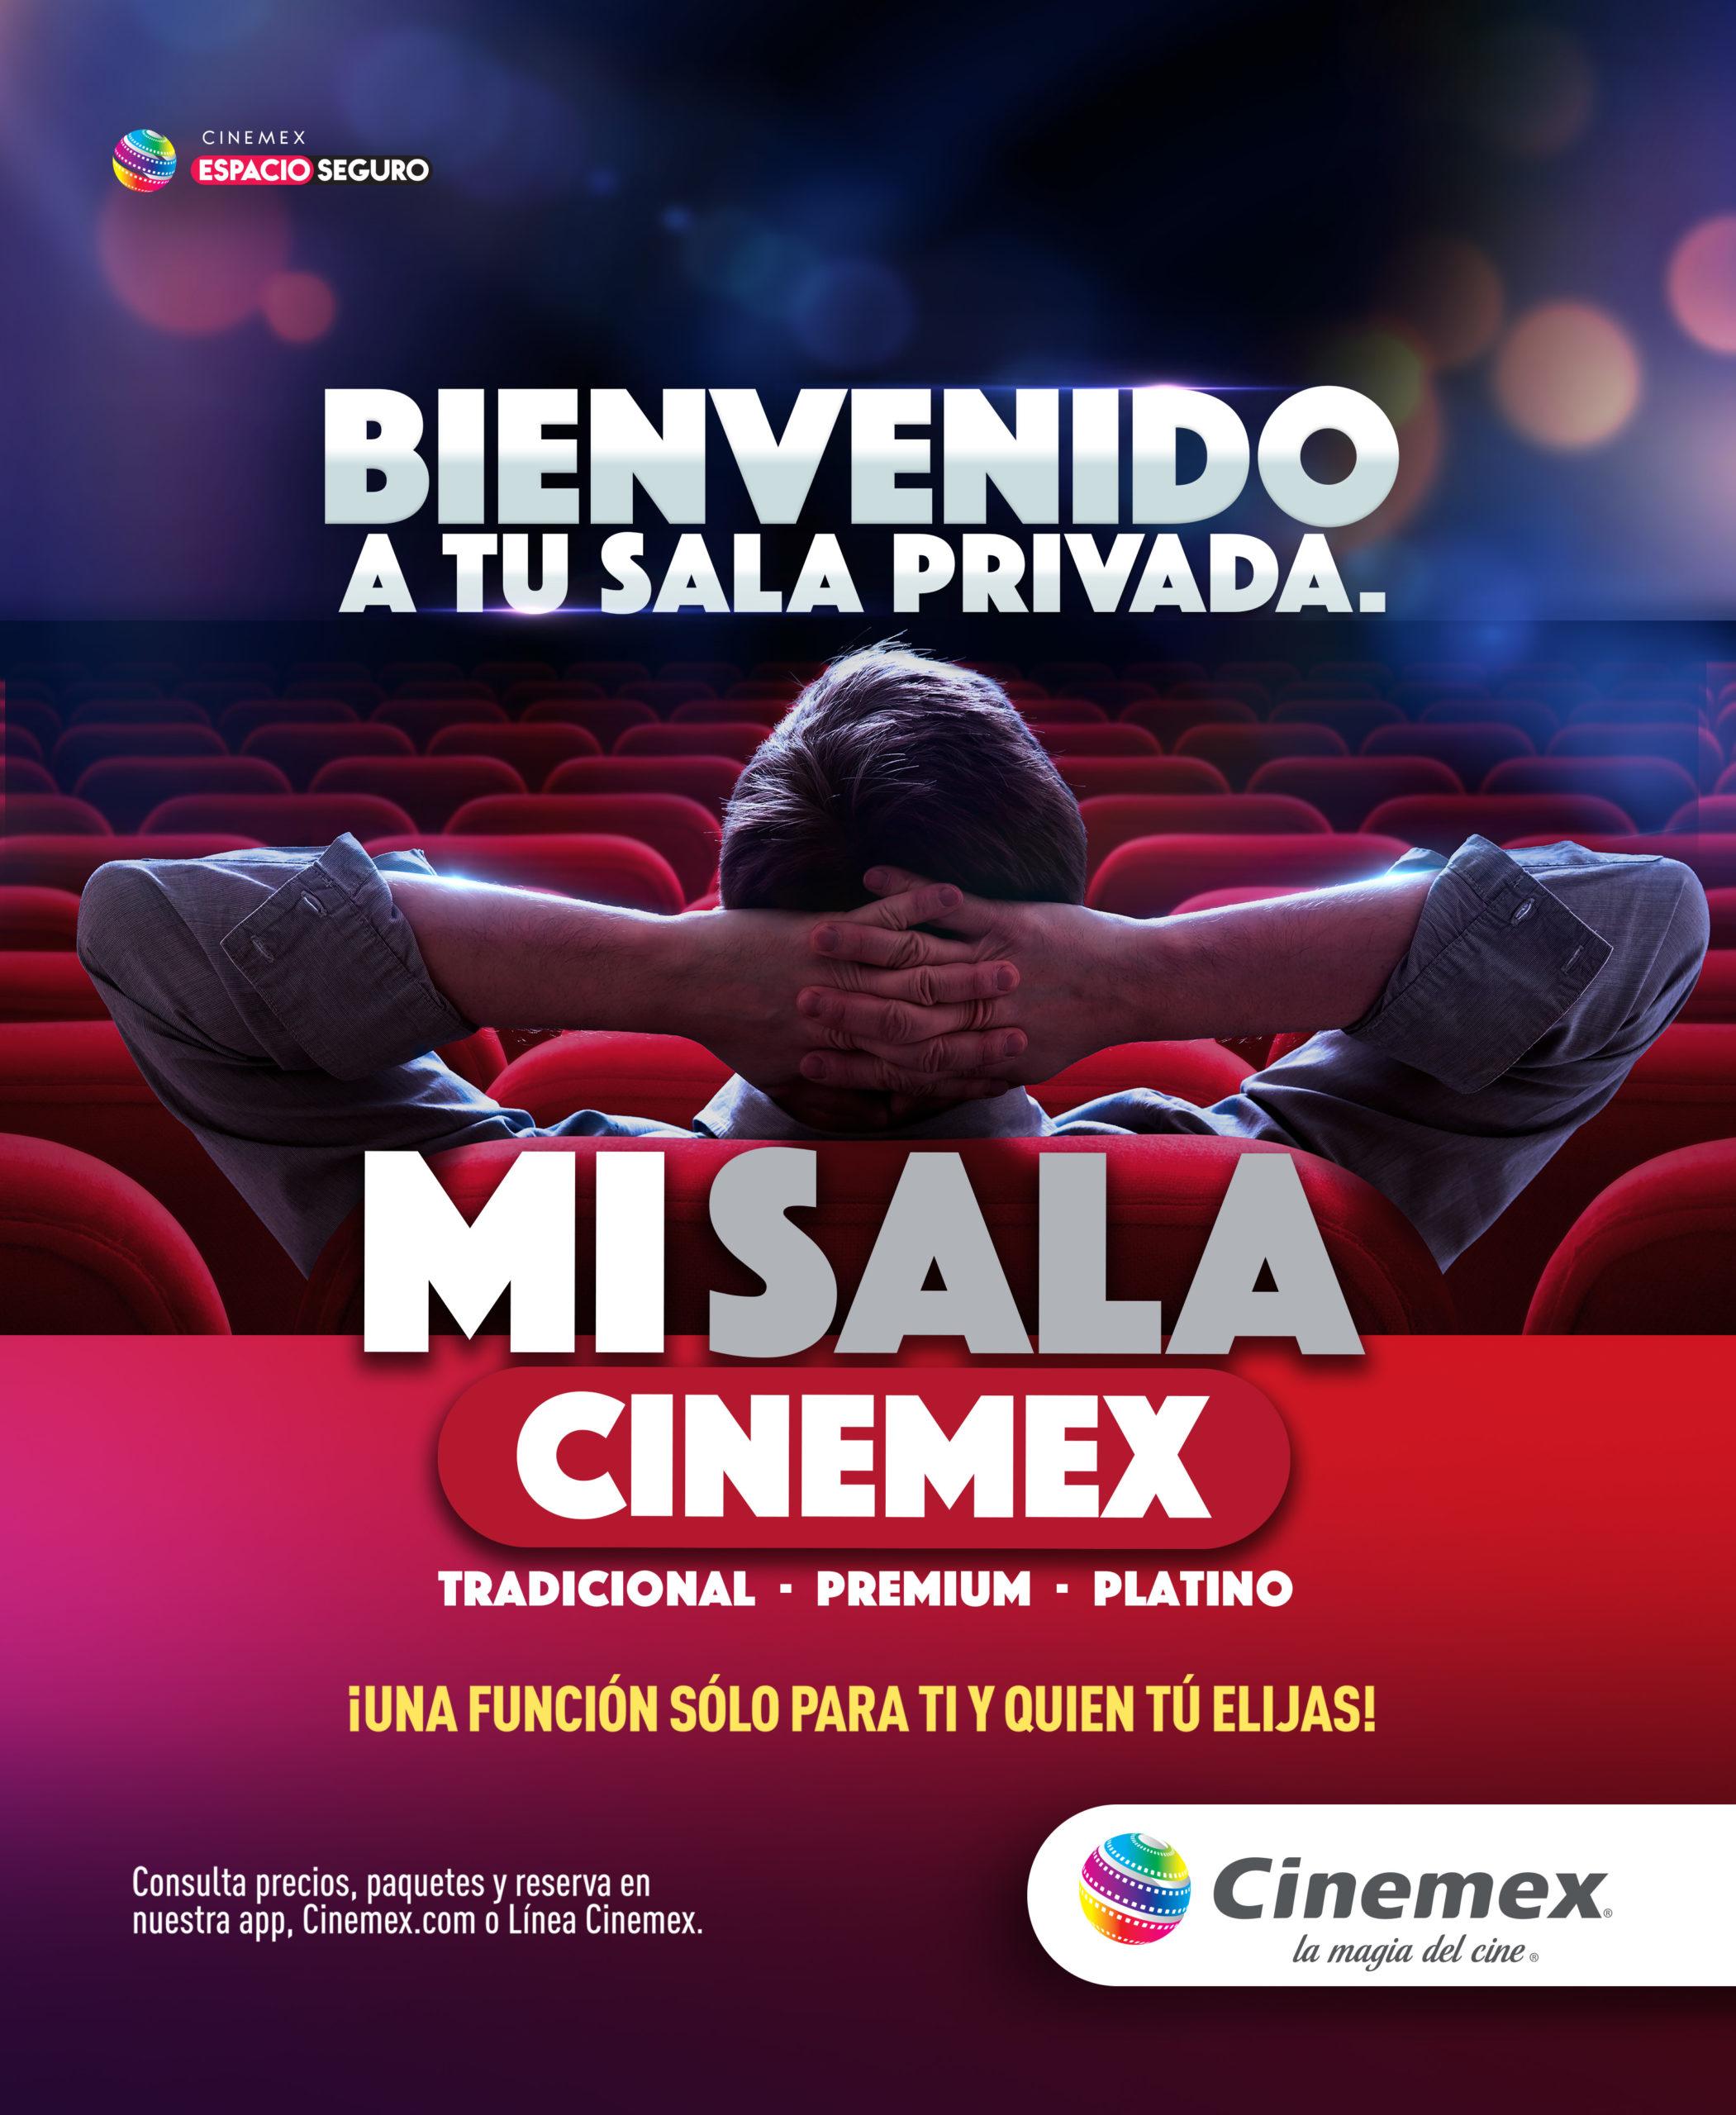 Renta una sala de Cinemex